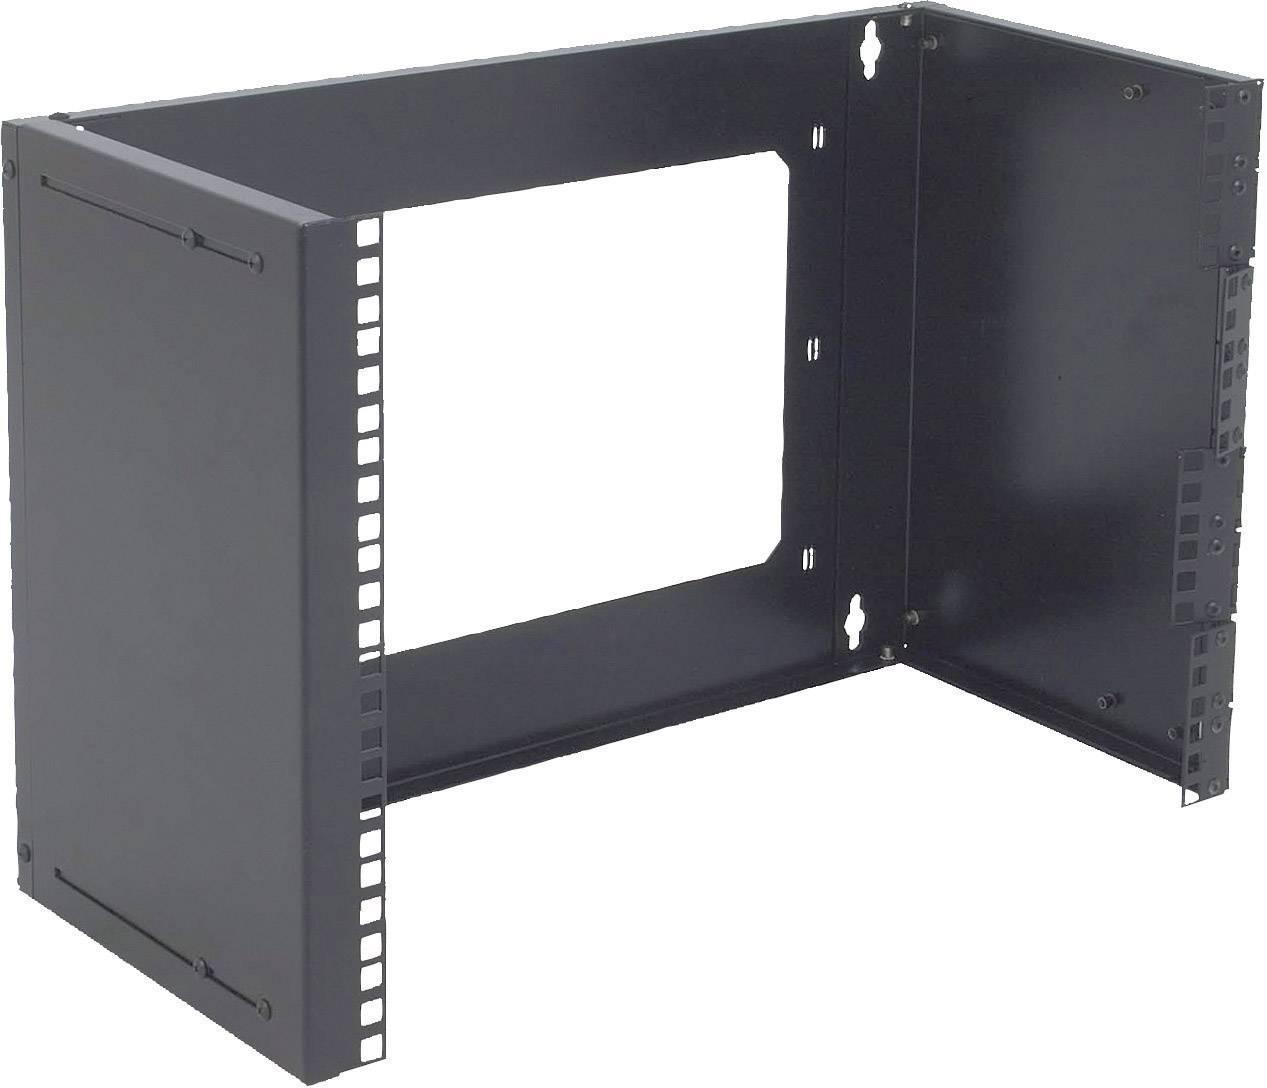 """Racková skříň Digitus, DN-19 PB-4U, 19"""", 4 U, 485 x 192 x 350 mm"""